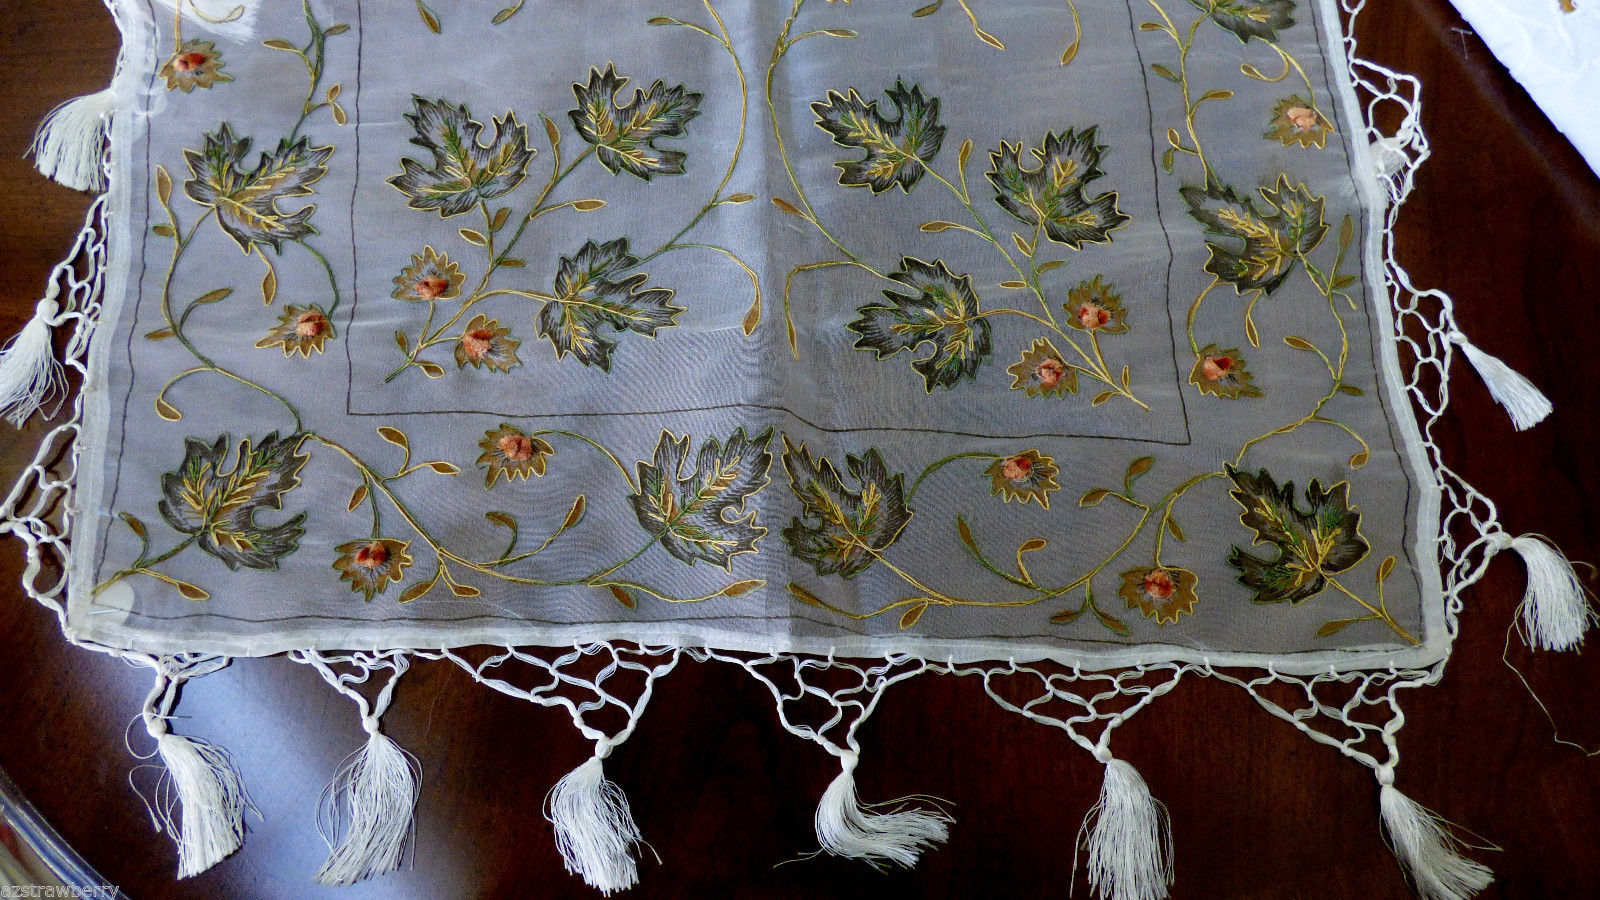 Tablerunner vanity dresser sheer organdy embroidery leaf flower pattern tassels - $27.72